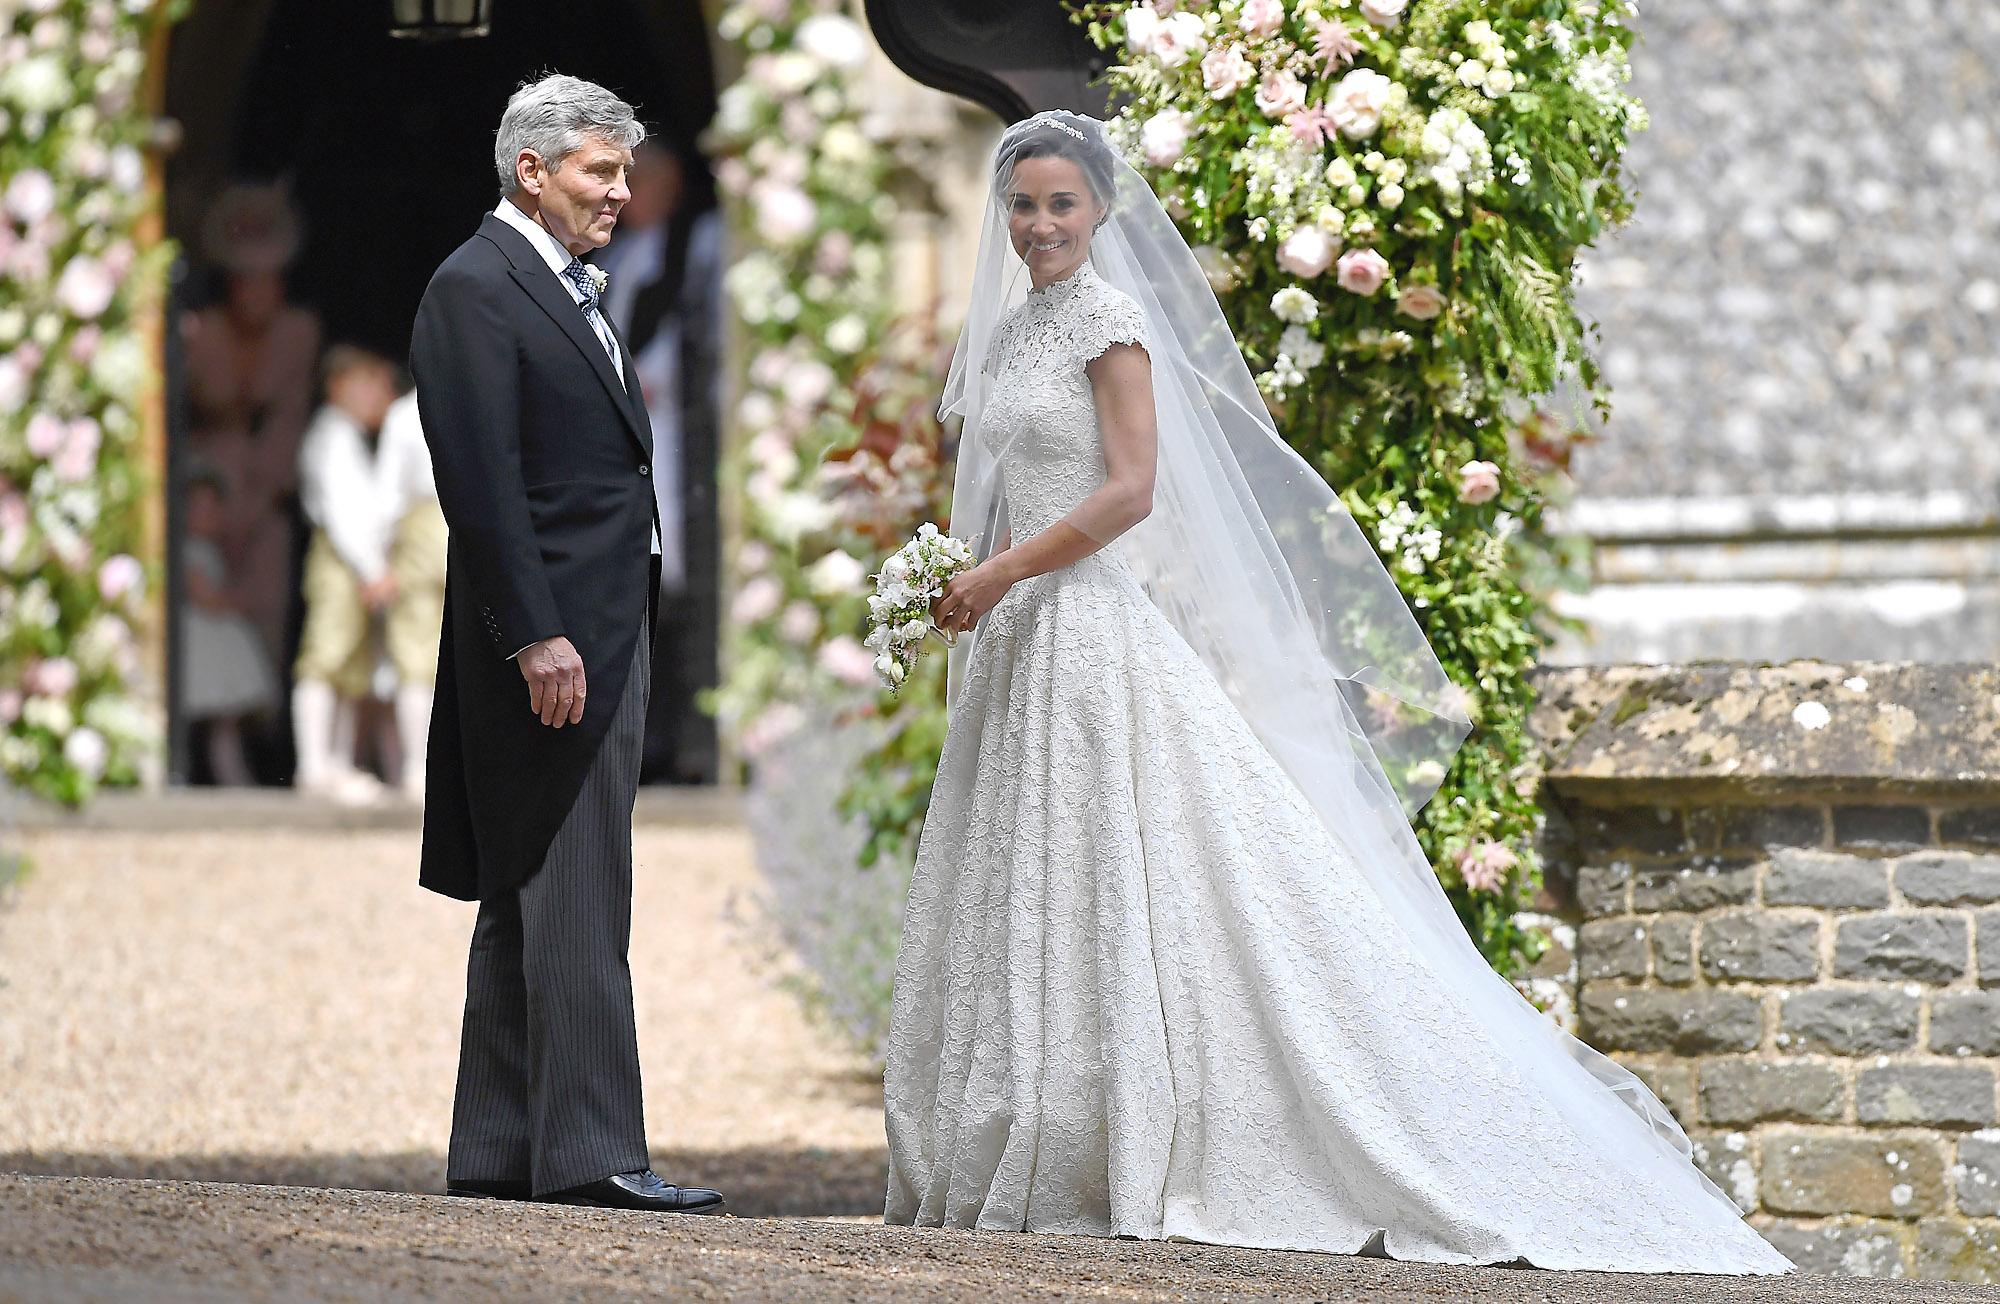 влиятельные женщины пиппа миддлтон выходит замуж фото они наносят изображения